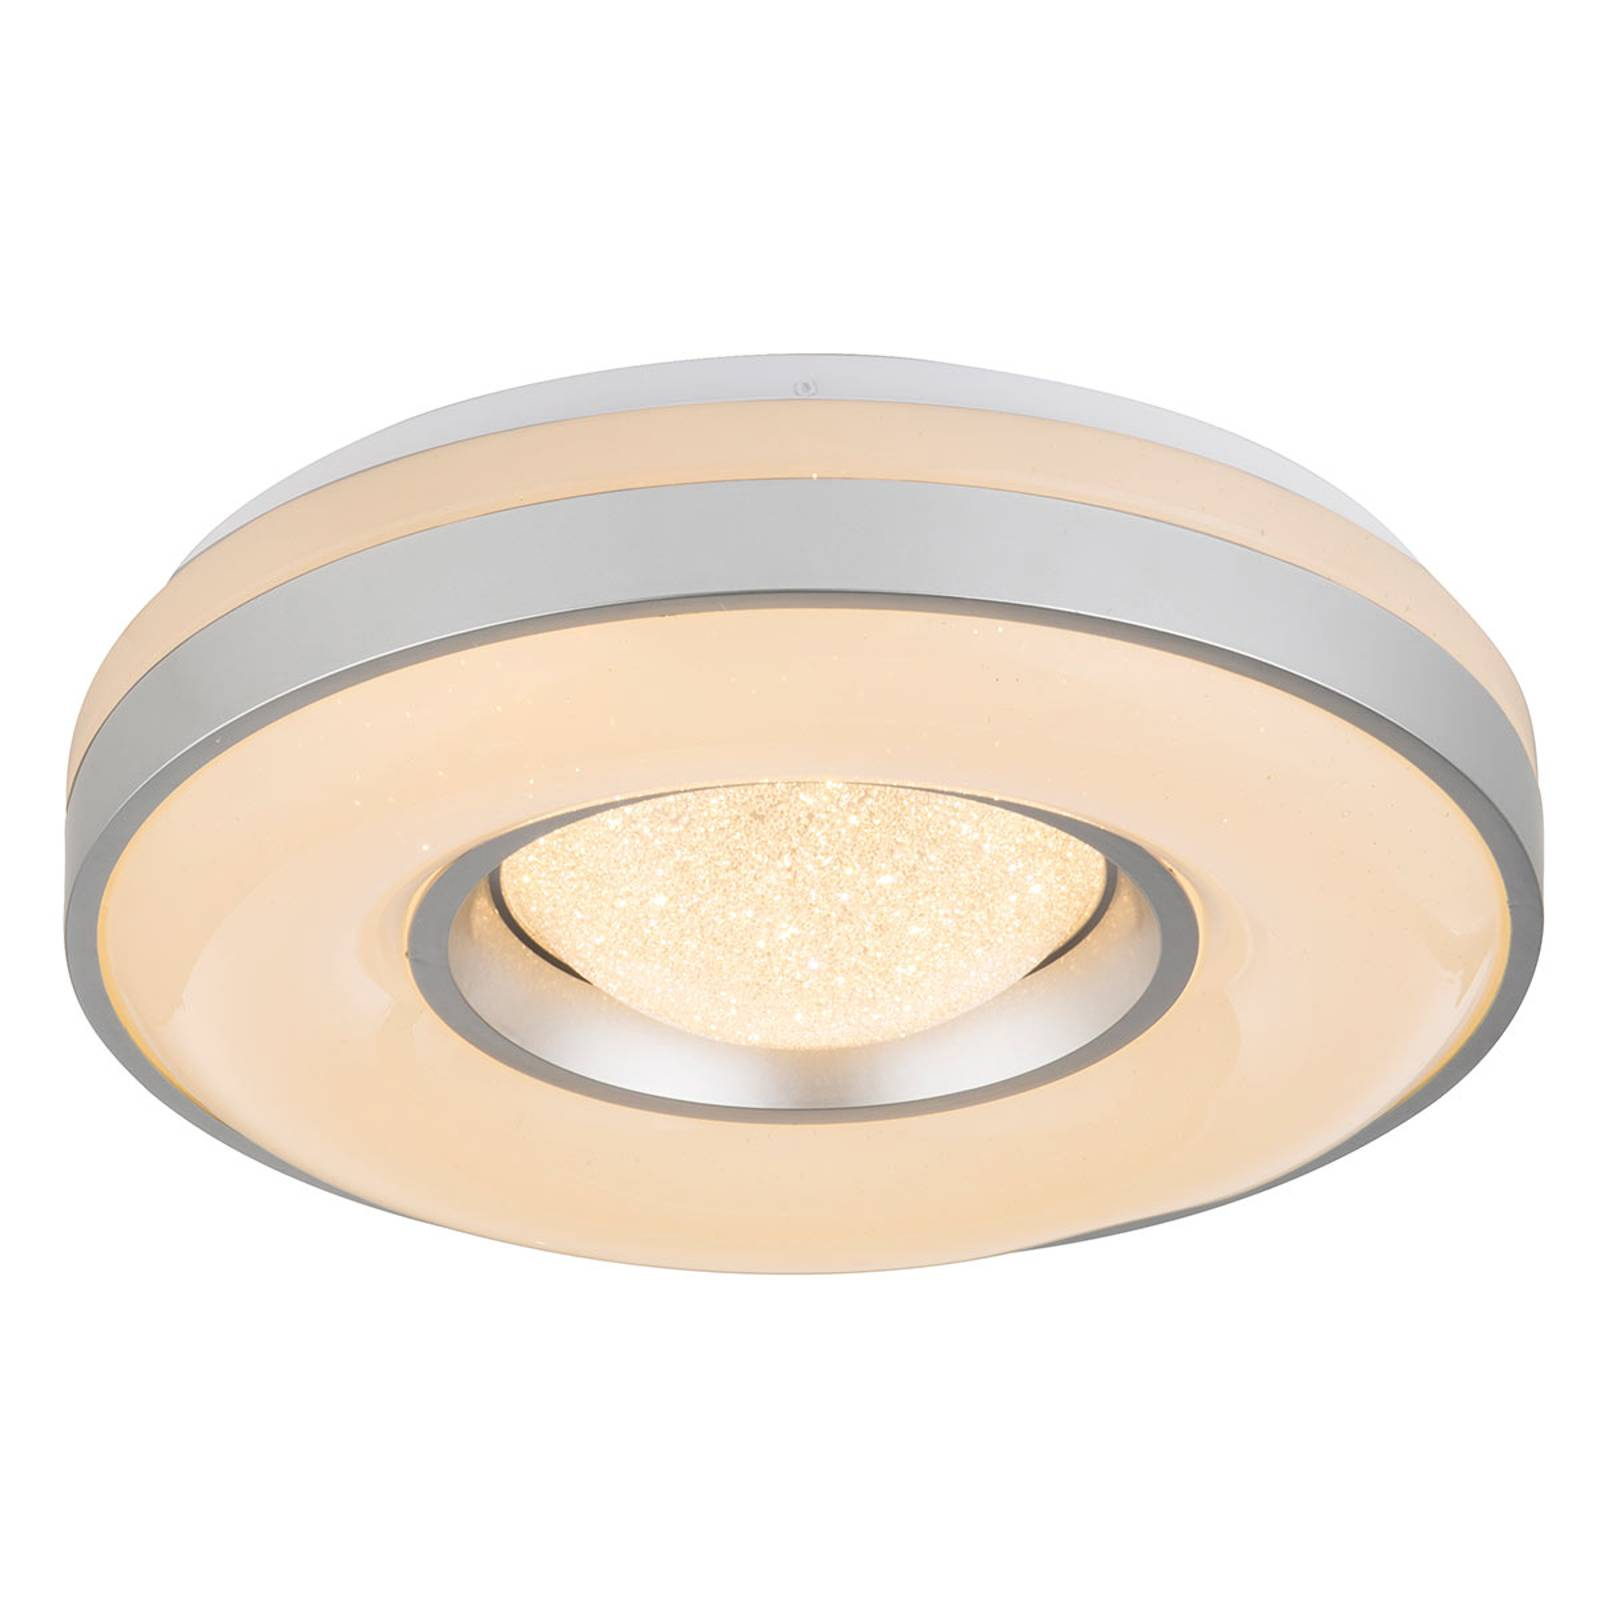 LED-kattovalaisin Colla, metallikehys, hopea